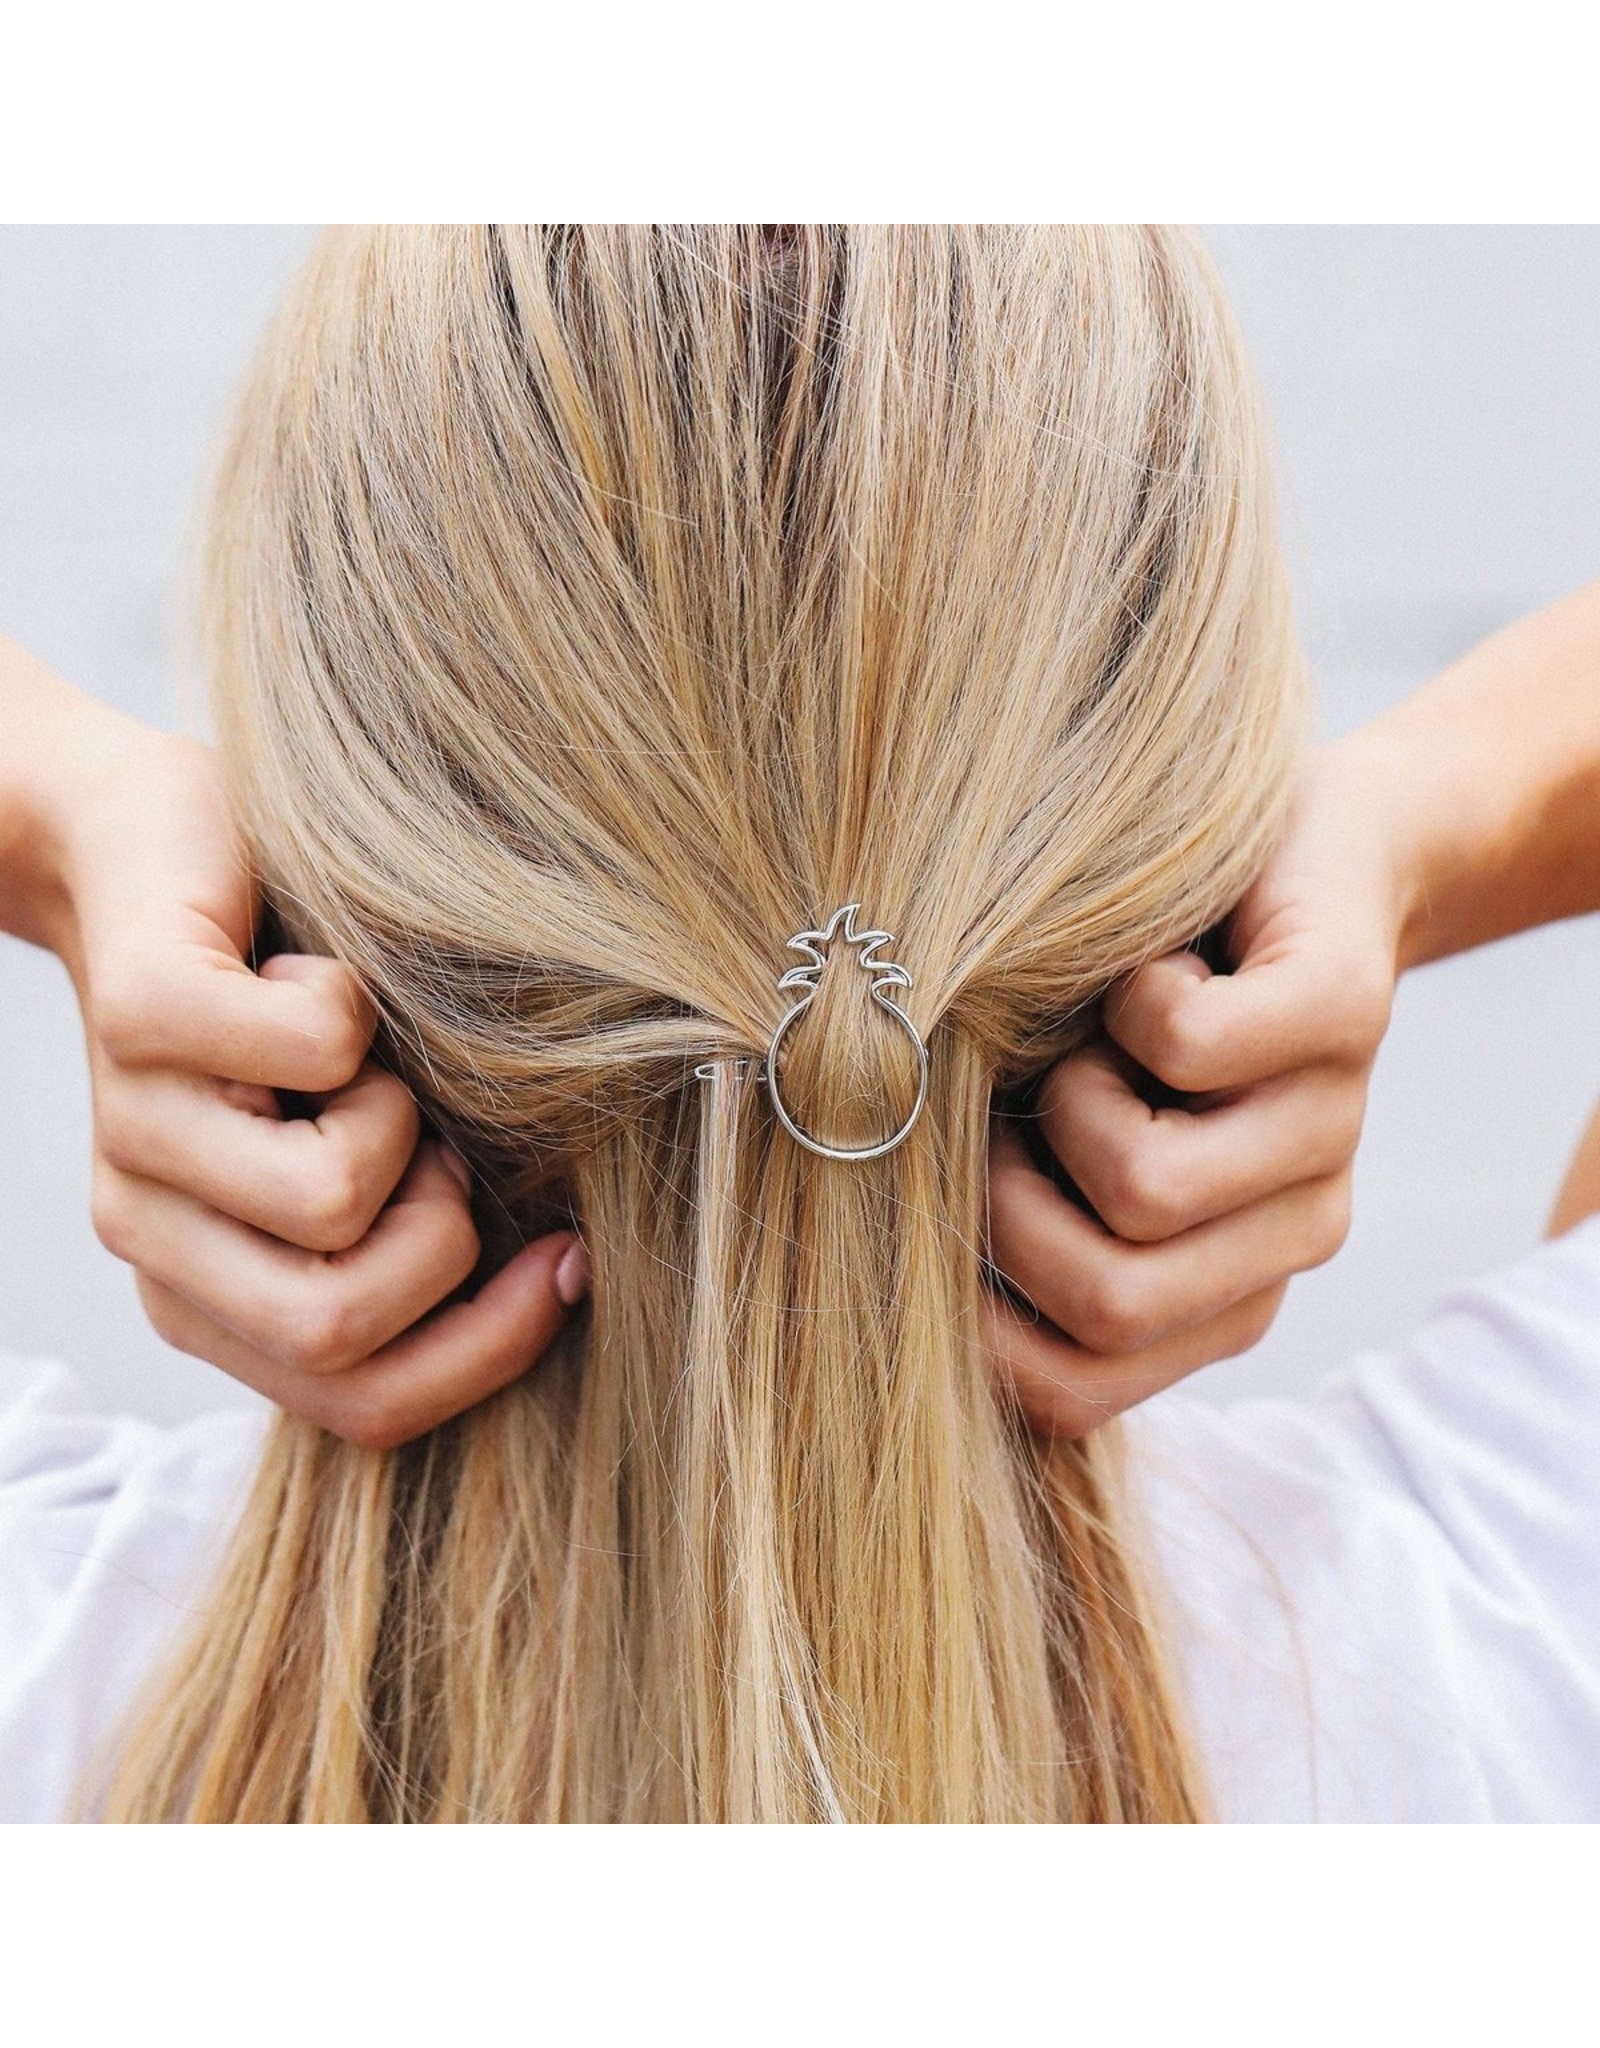 Pura Vida Pineapple Hair Barette, Silver